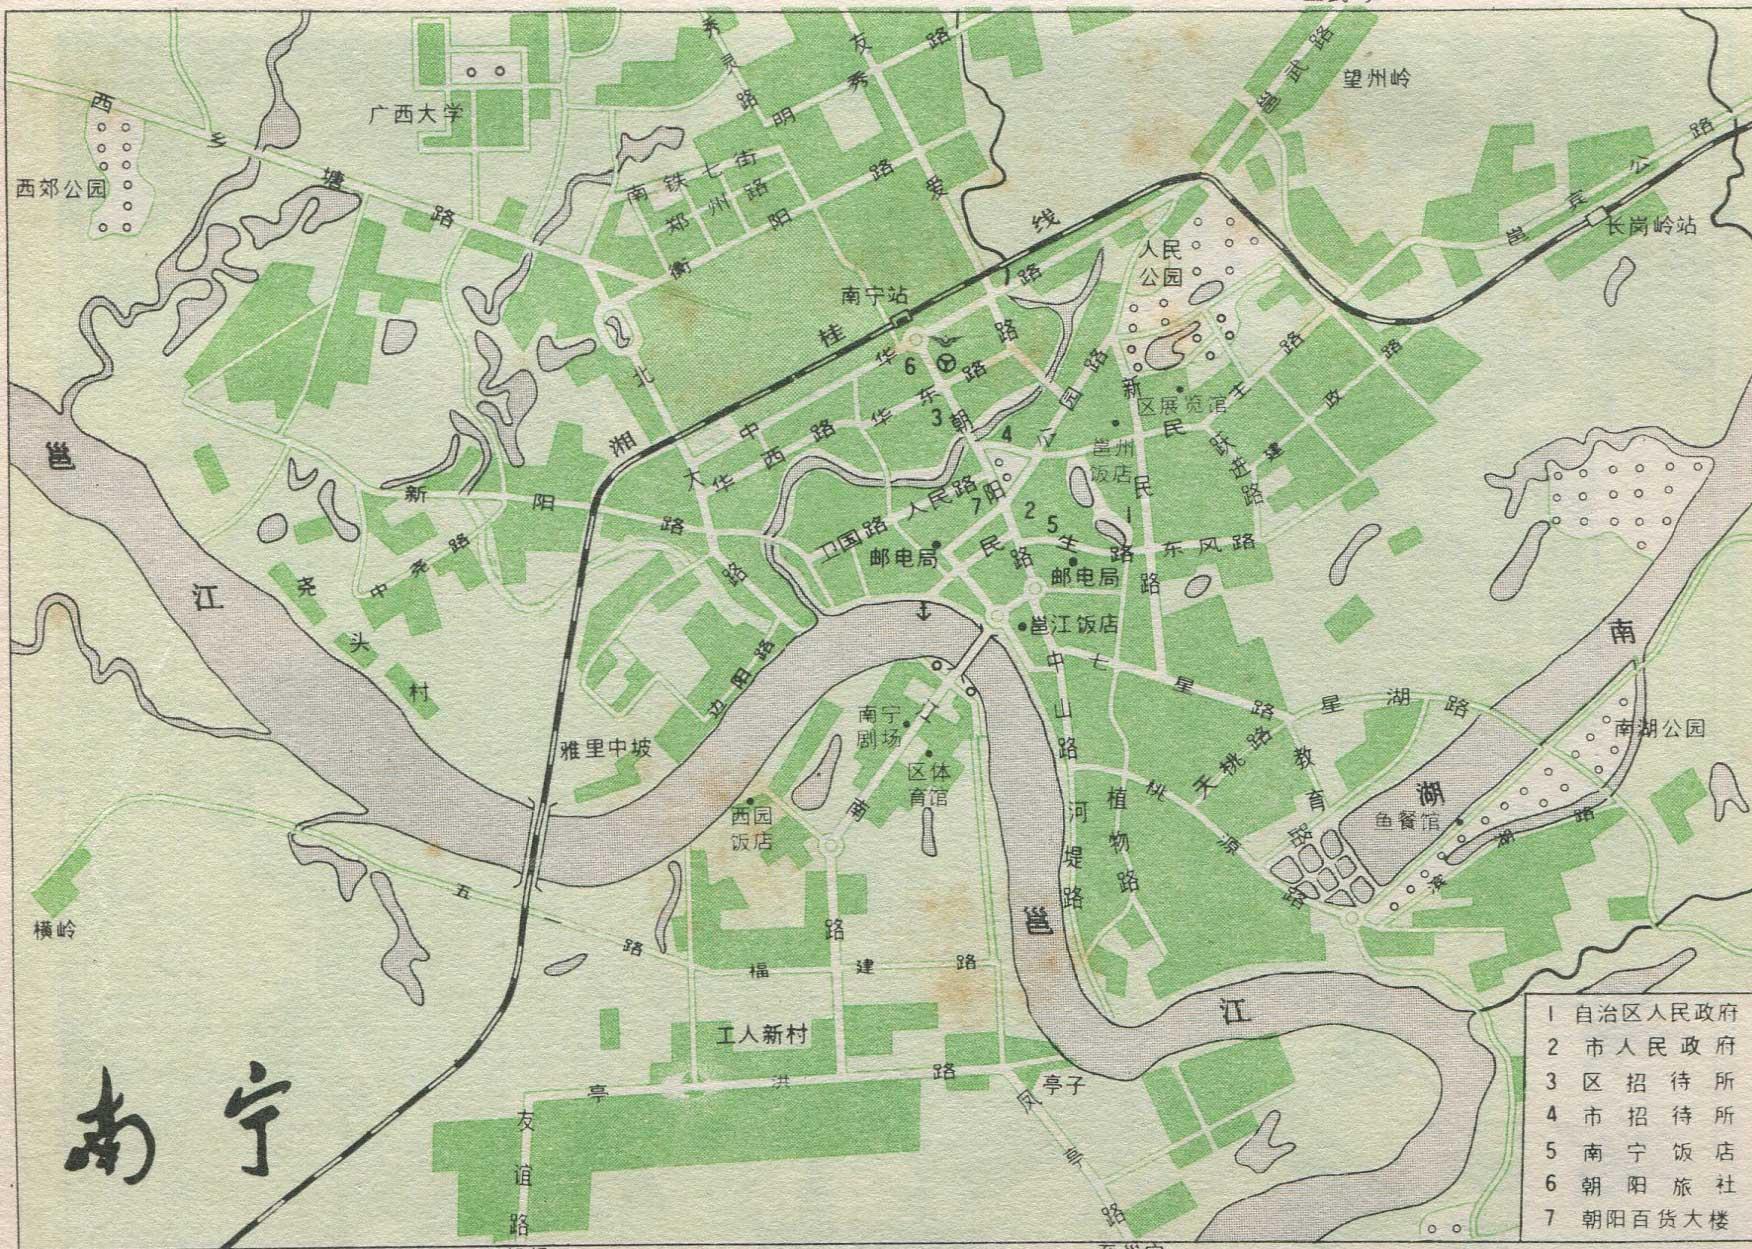 南宁市铁路线路图